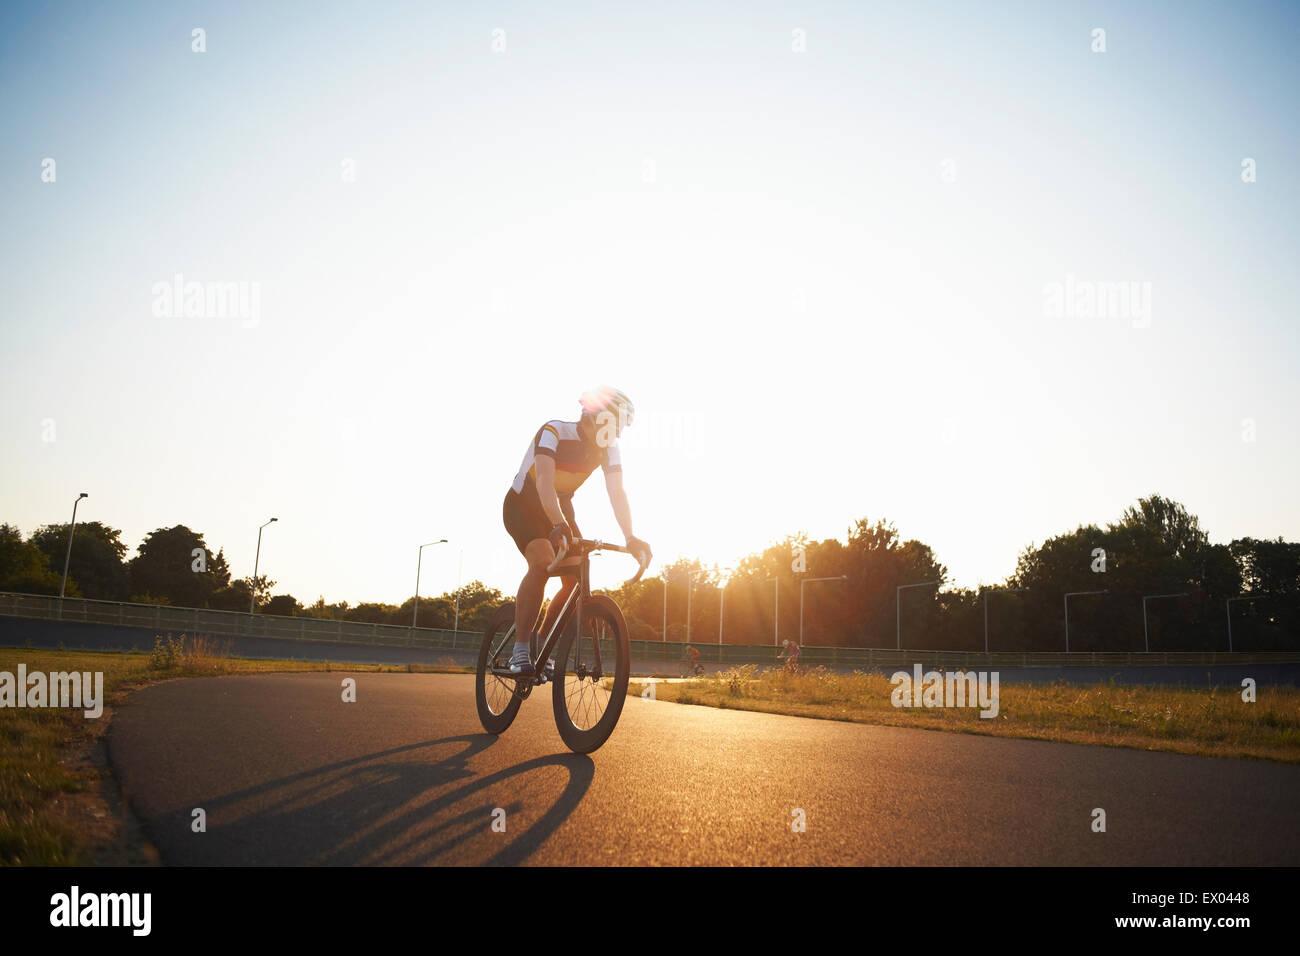 Les cyclistes du vélo sur la voie, à l'extérieur Photo Stock